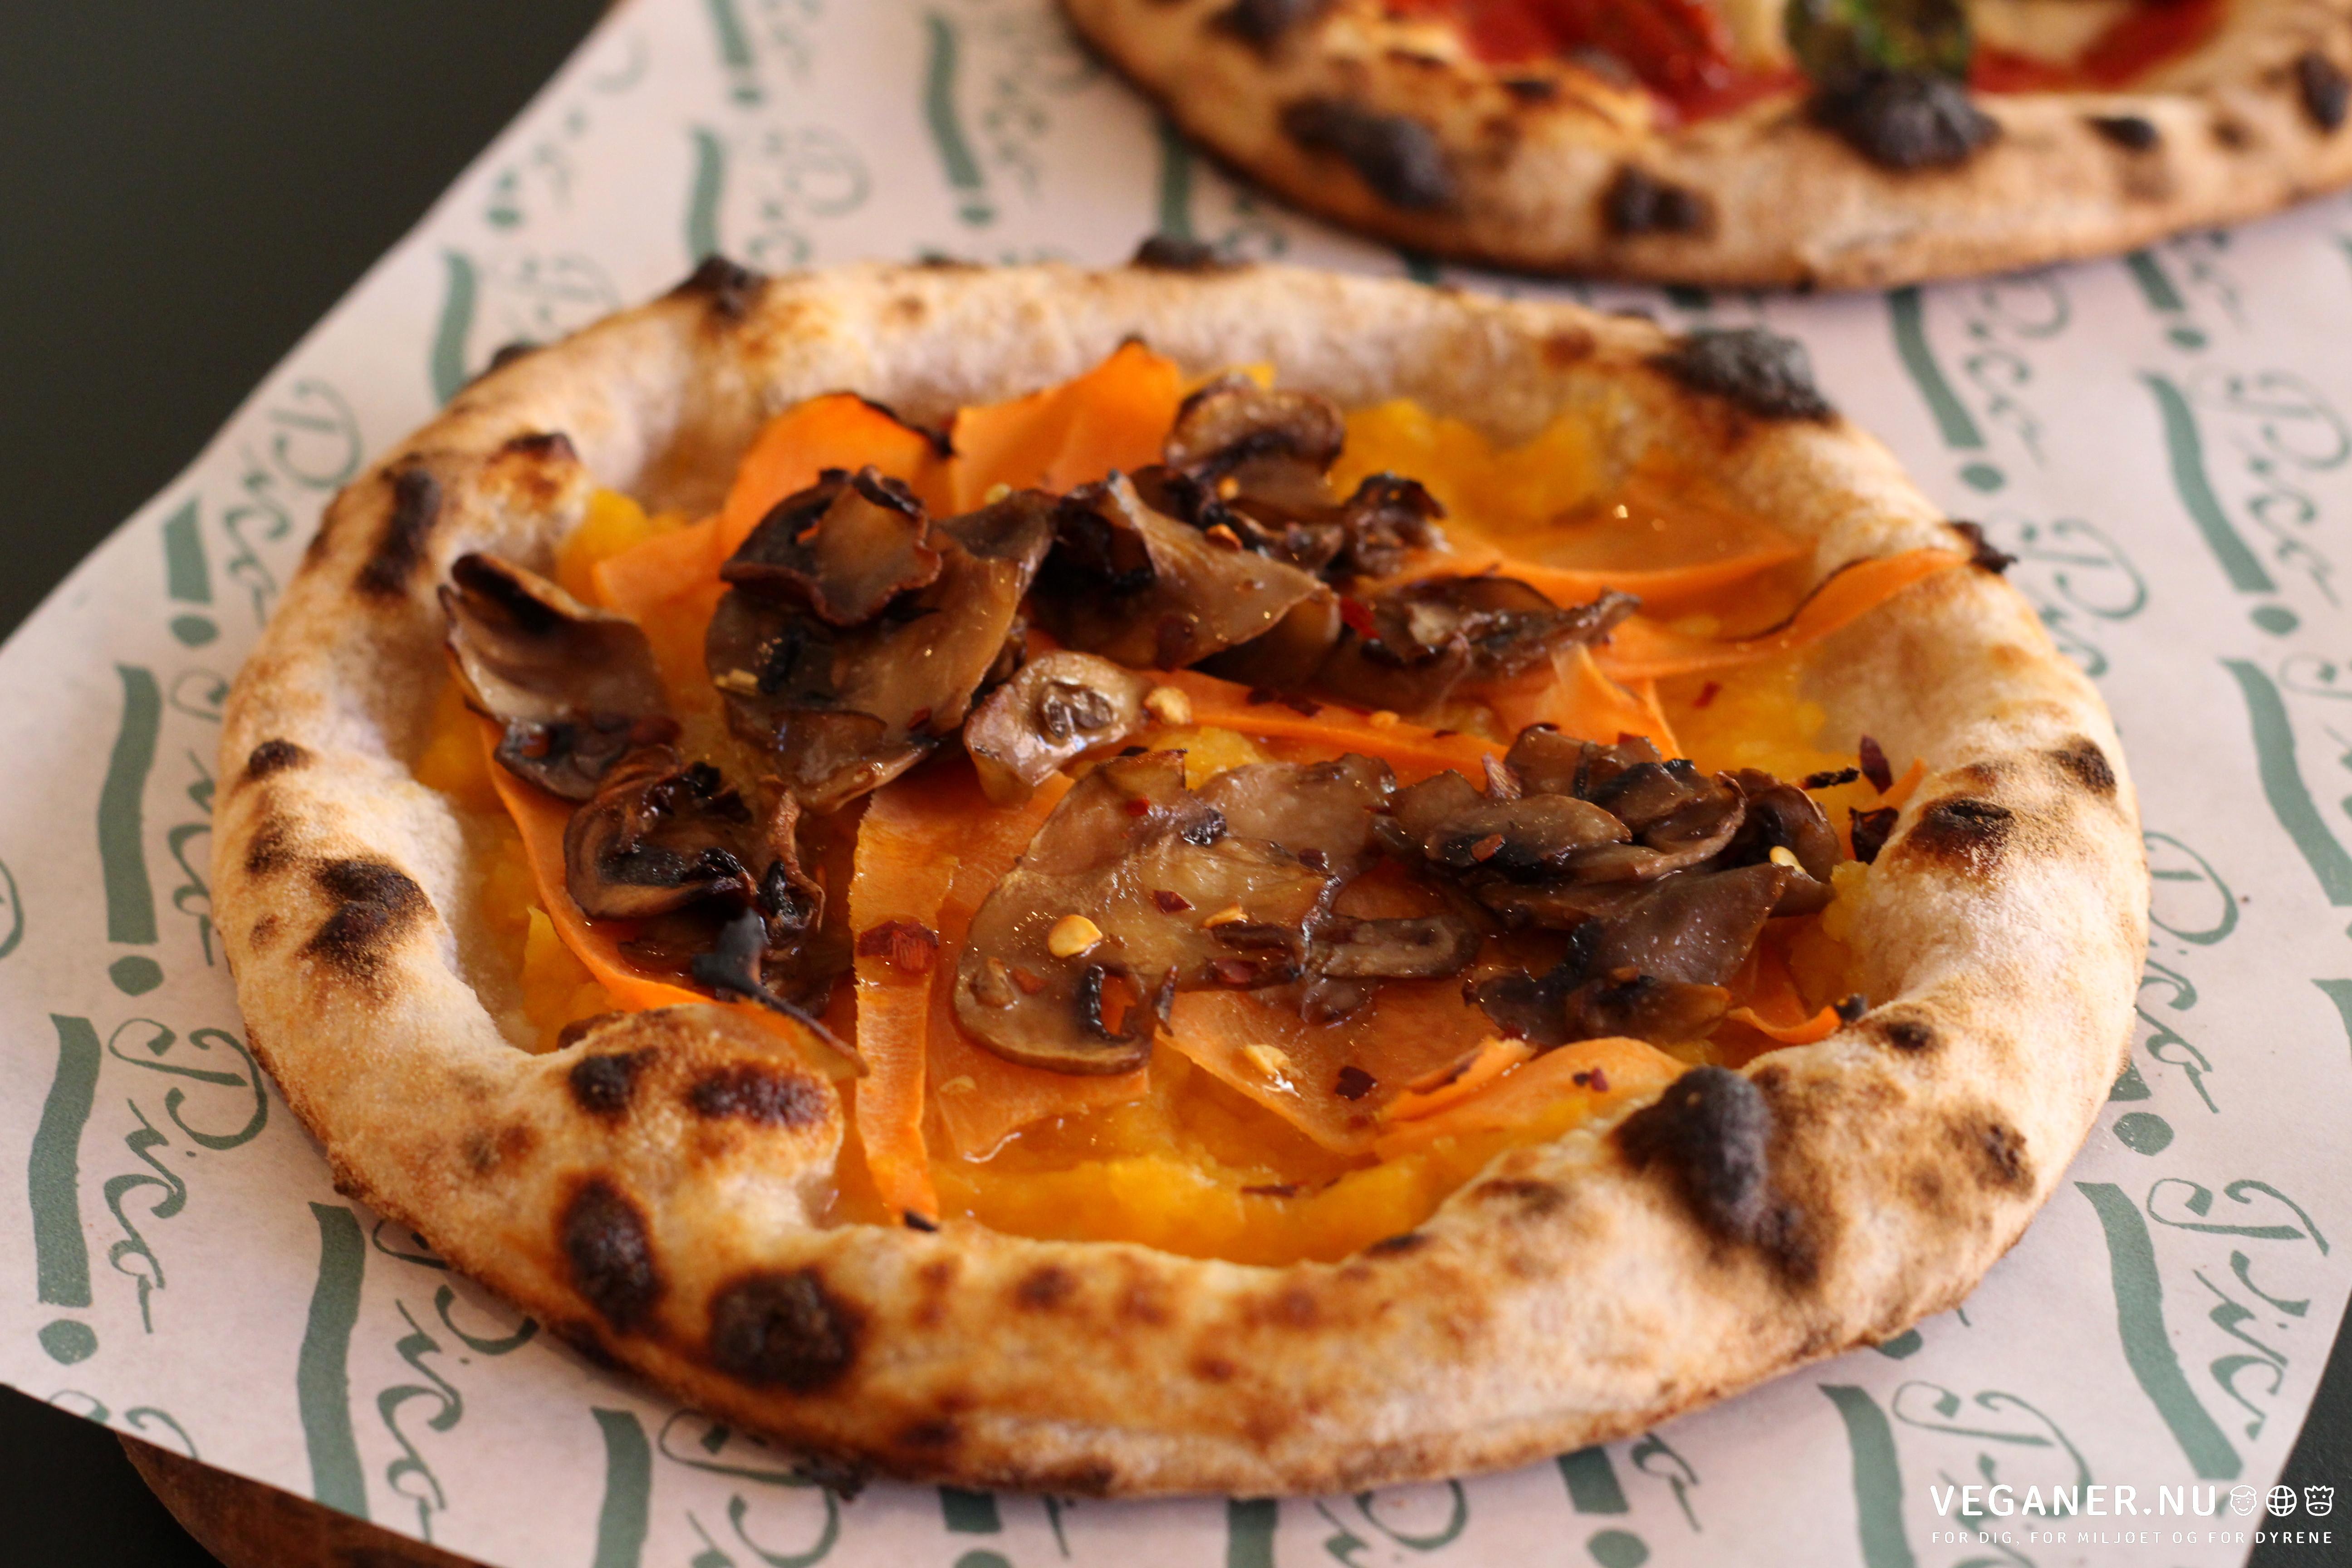 Veganer.nu-pico-pizza